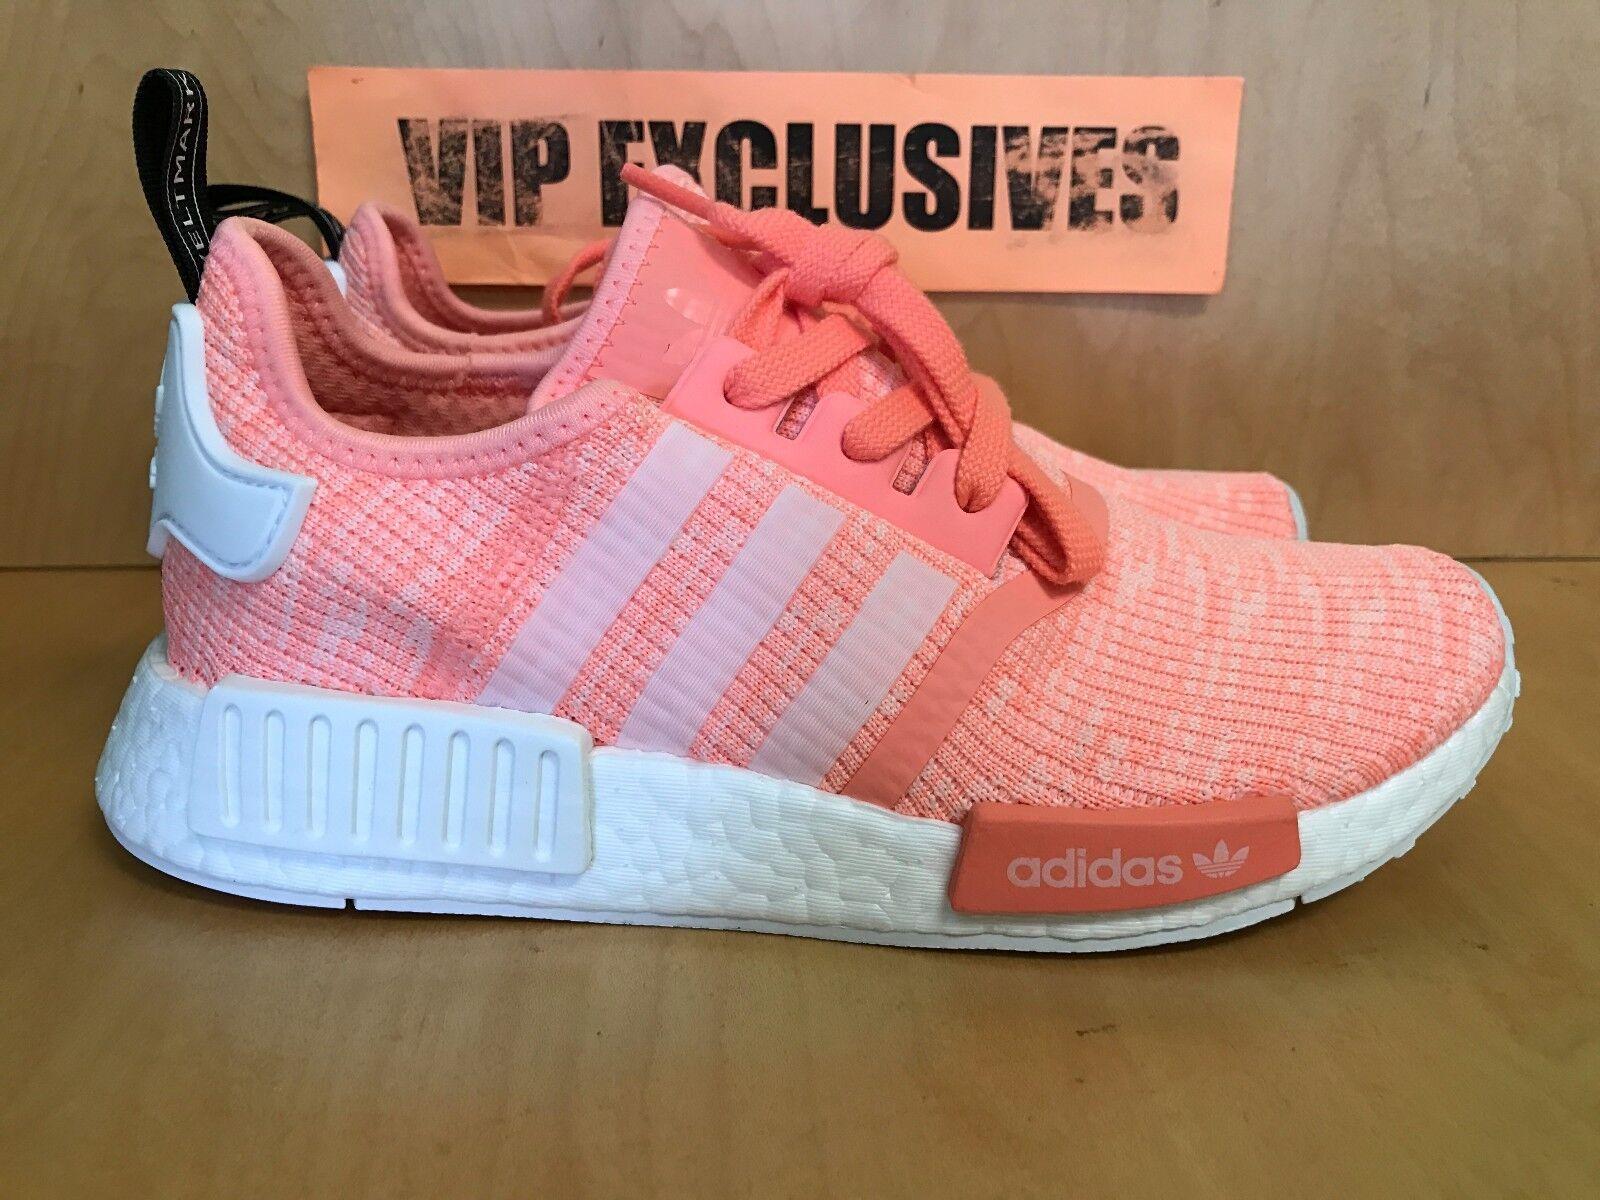 Adidas Adidas Adidas nmd r1 w sole raggiante rosa corallo bianco arancio by3034 donne 6-10.5 sz 012c6e